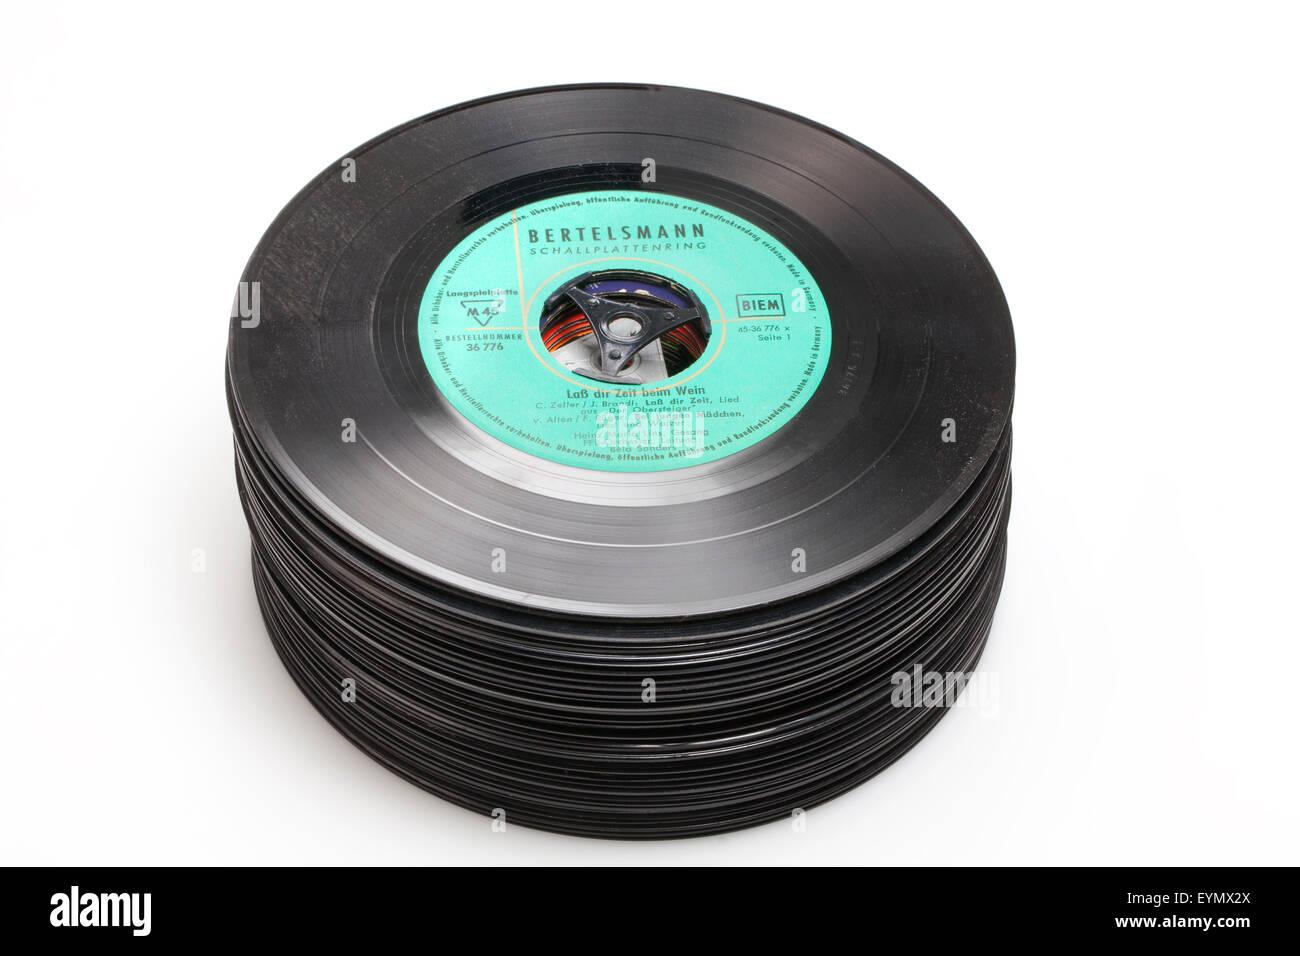 Old vinyl singles, Alte Schallplatten, Singles aus Vinyl - Stock Image